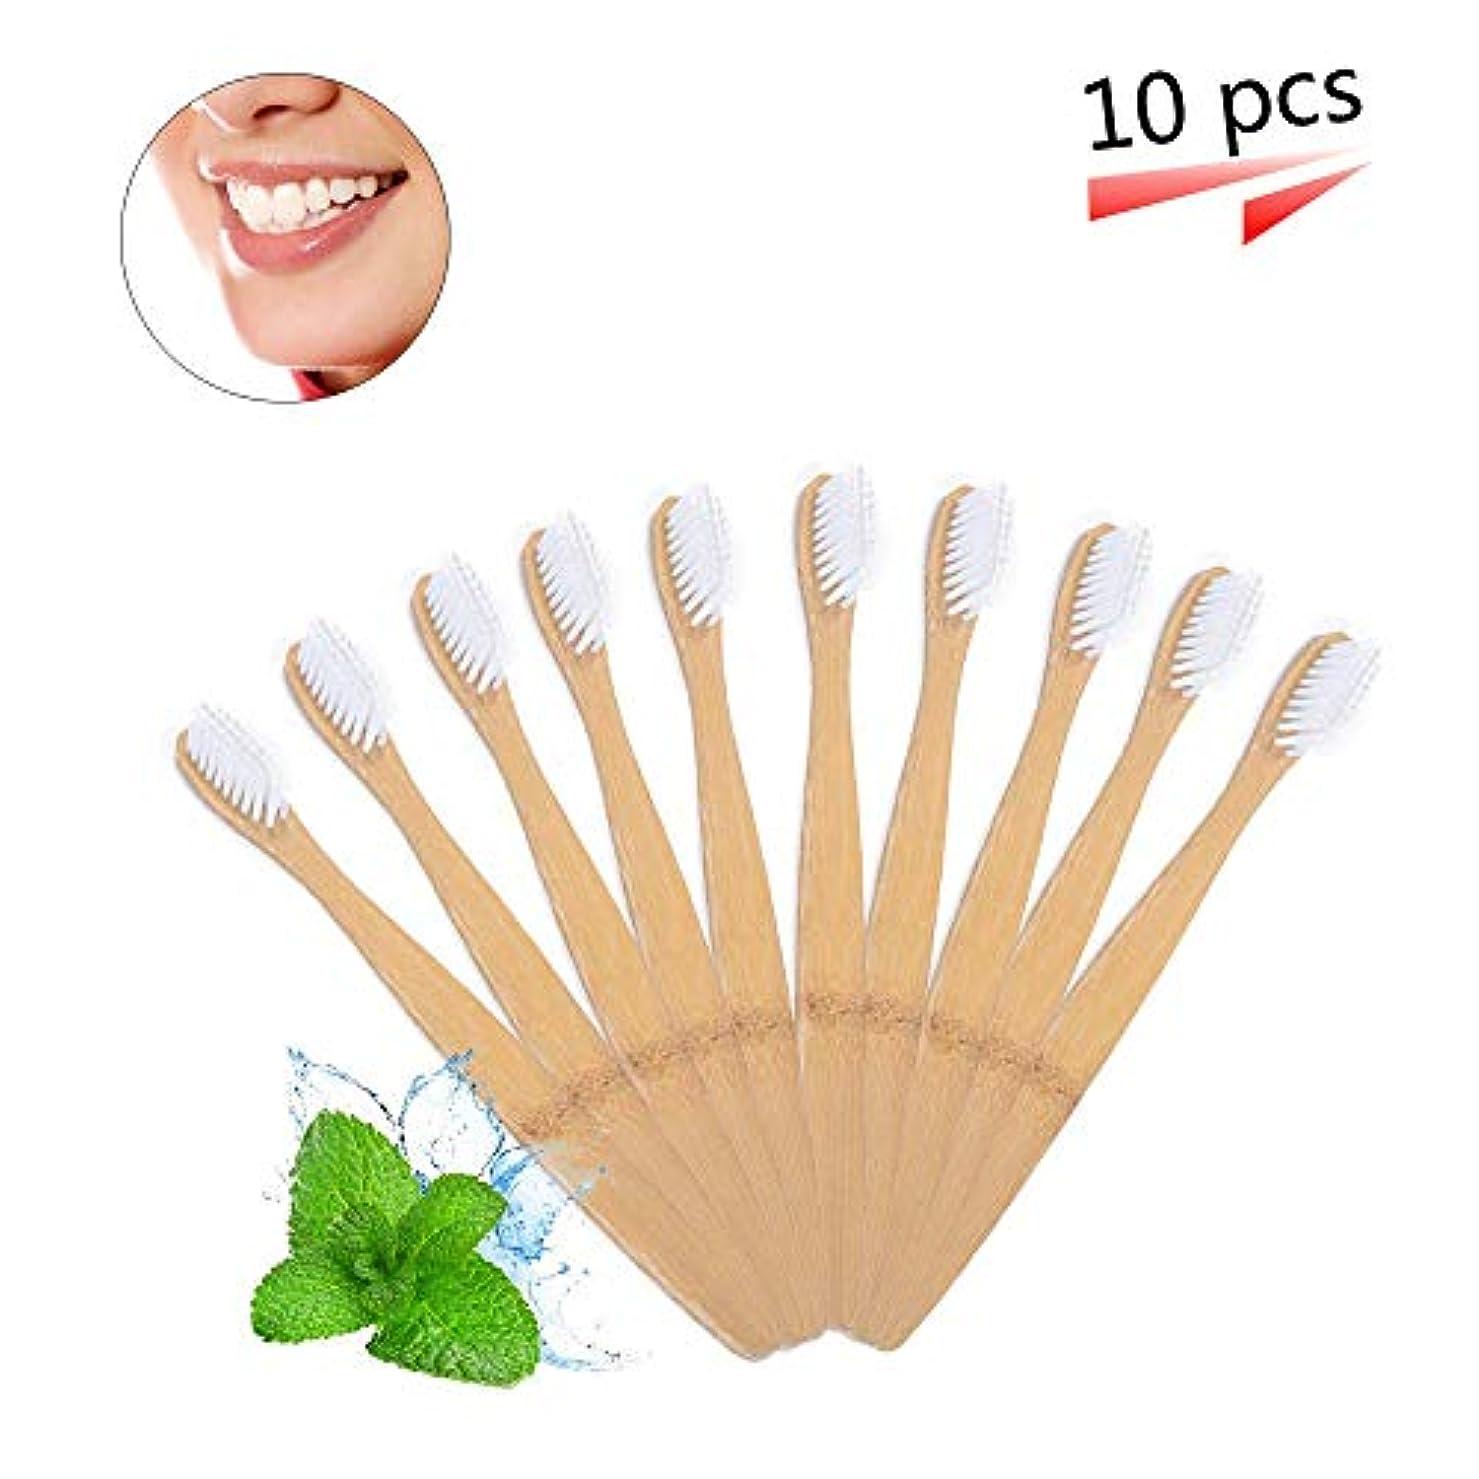 竹の歯ブラシ 分解性 環境保護の歯ブラシ 天然の柔らかいブラシ ホワイト 10本